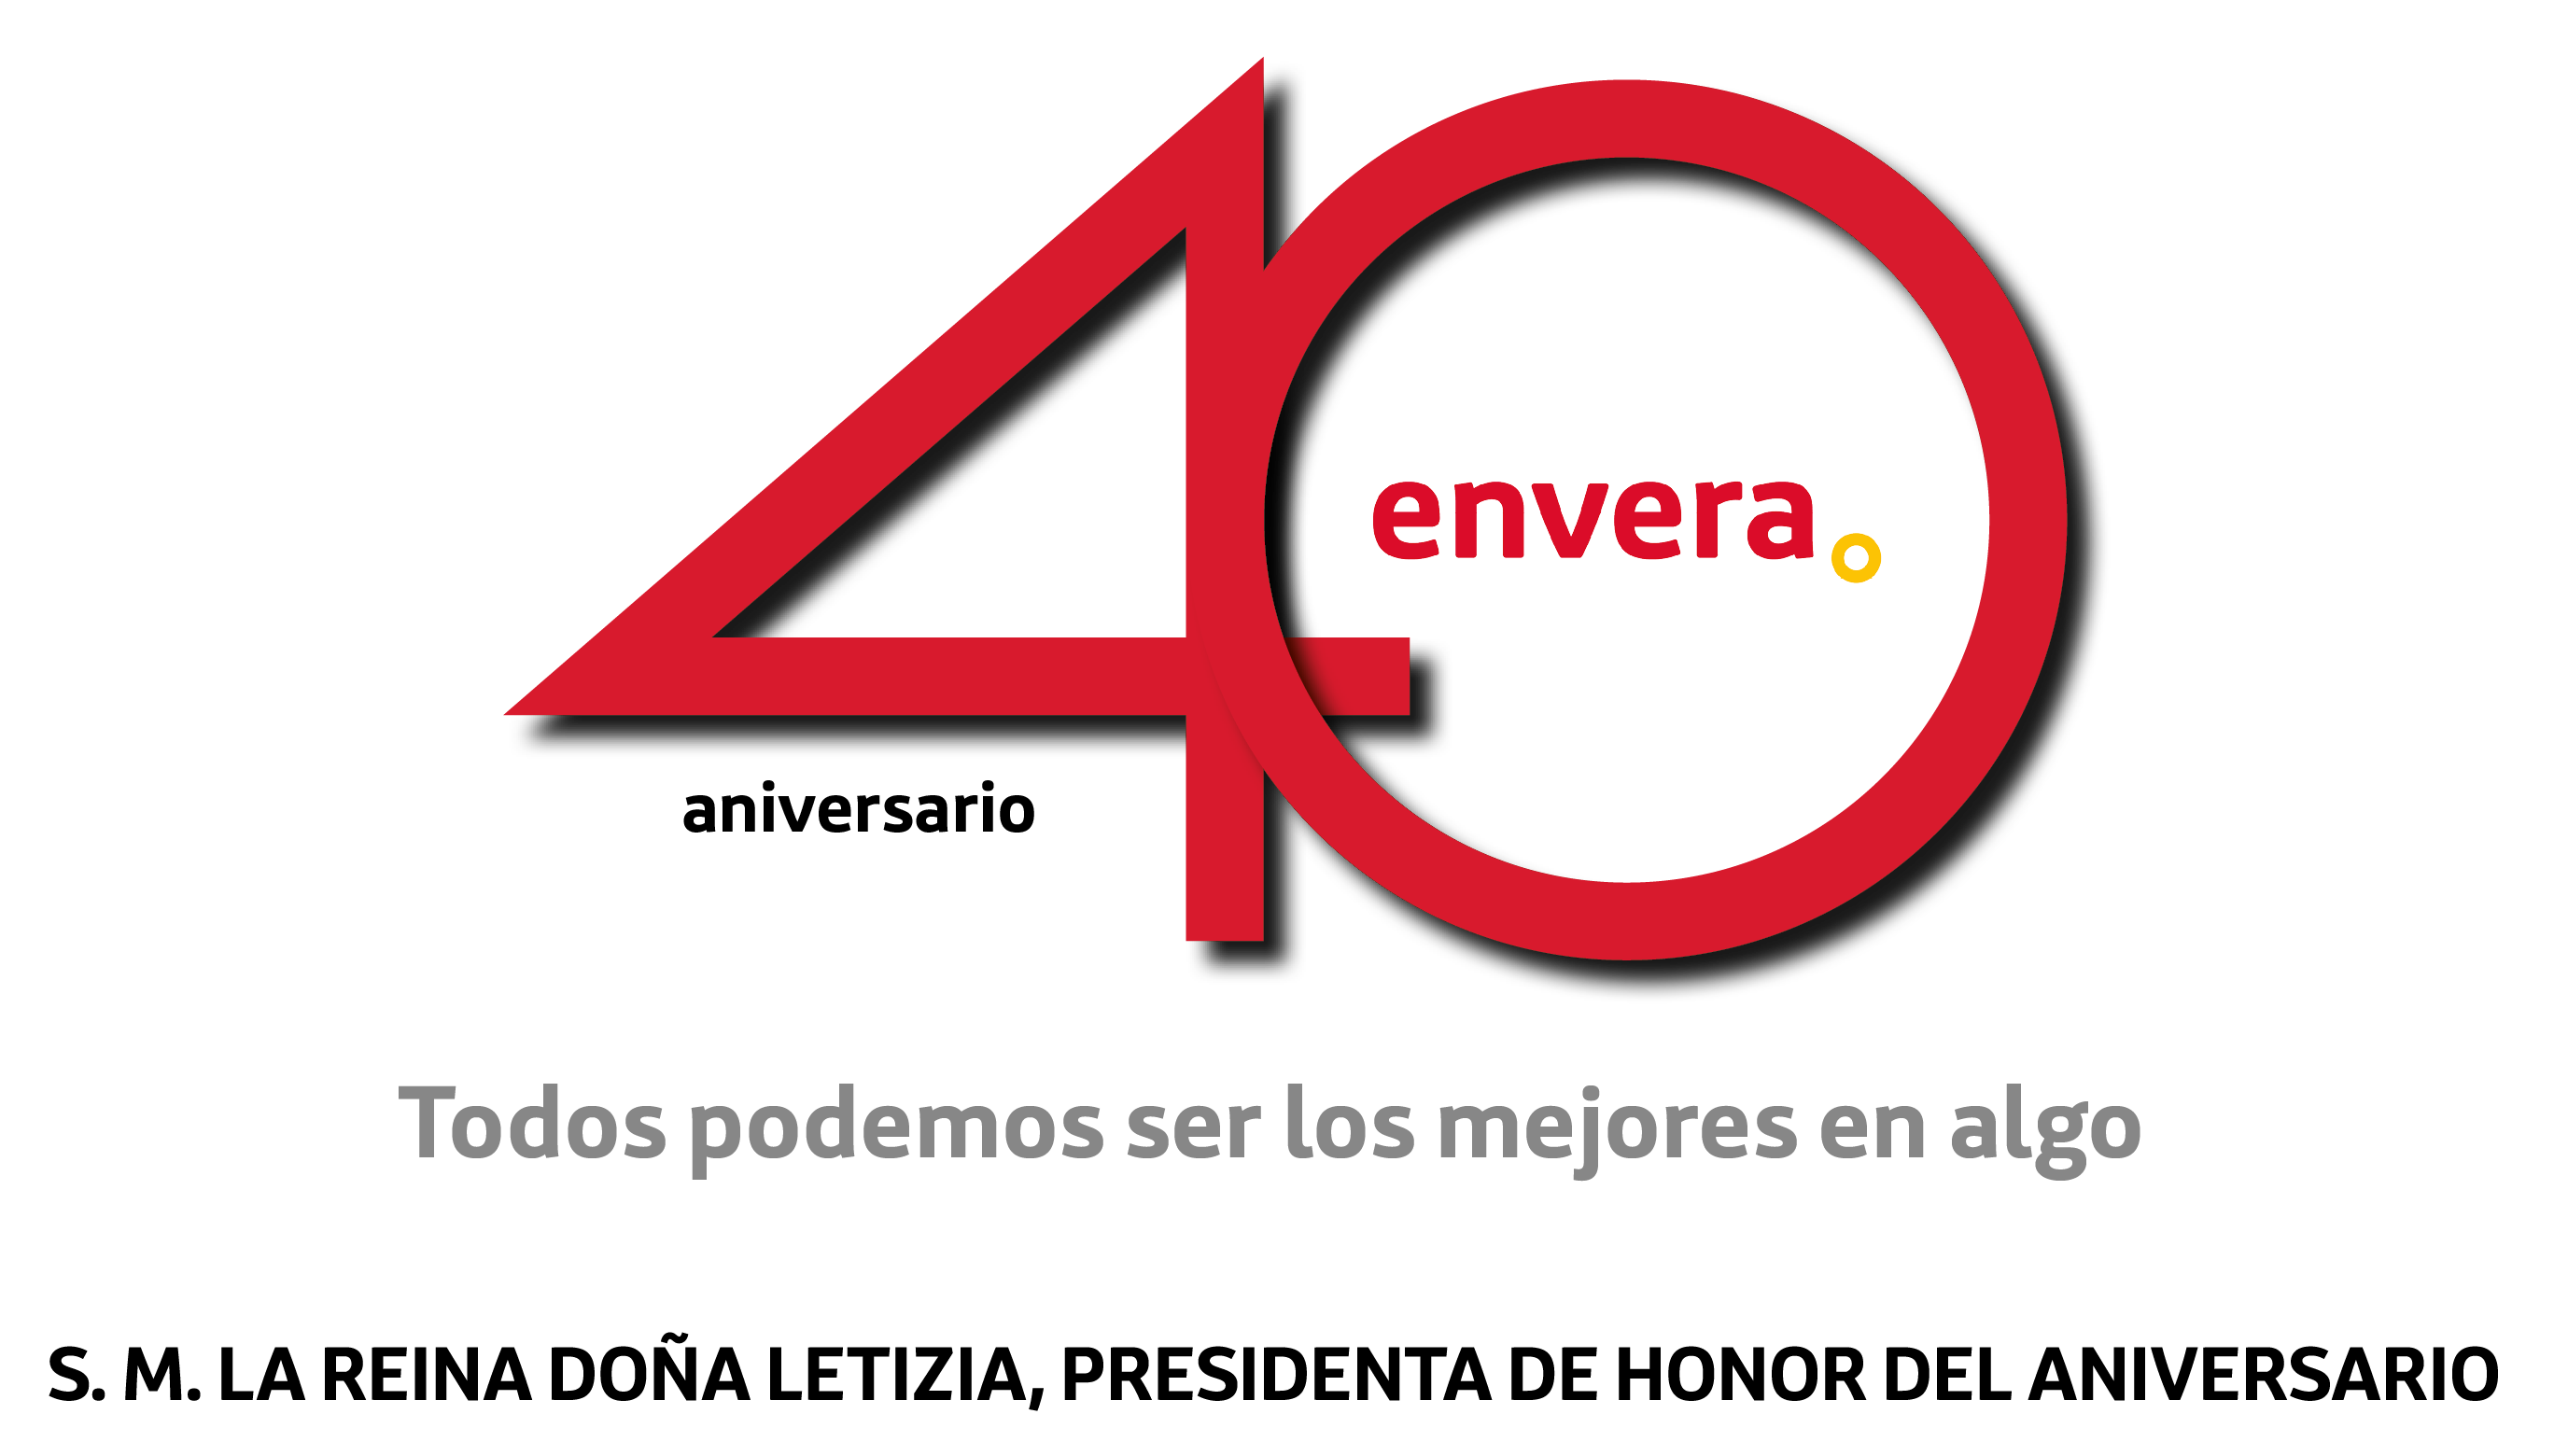 Diversidad funcional Grupo Envera